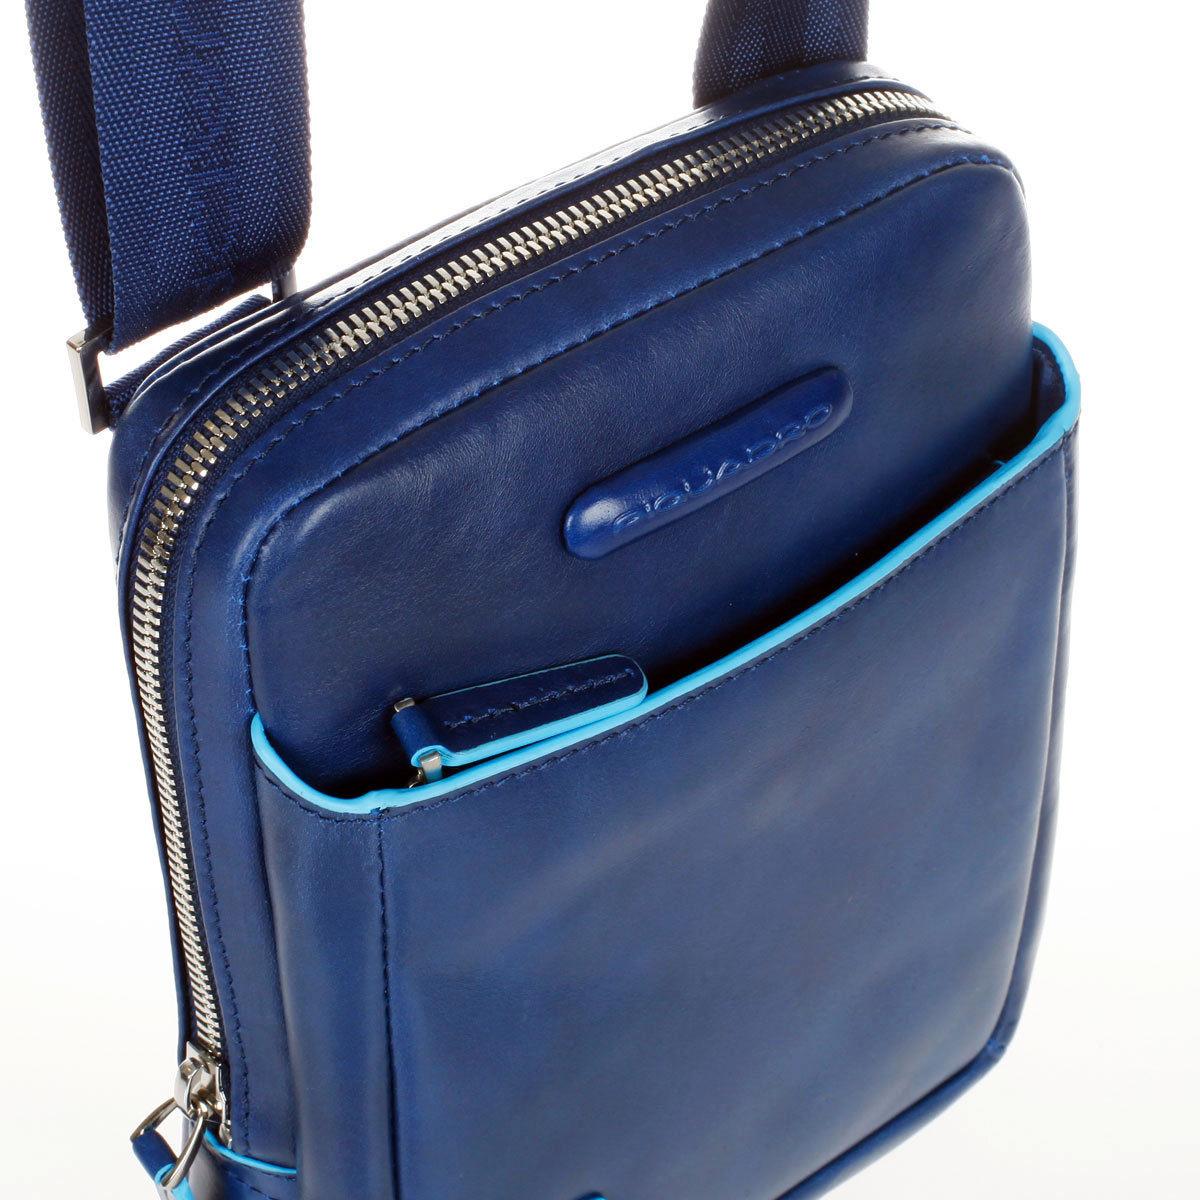 Сумка Piquadro Blue Square, цвет синий, 16x22x4,5 см (CA3084B2/BLU2)